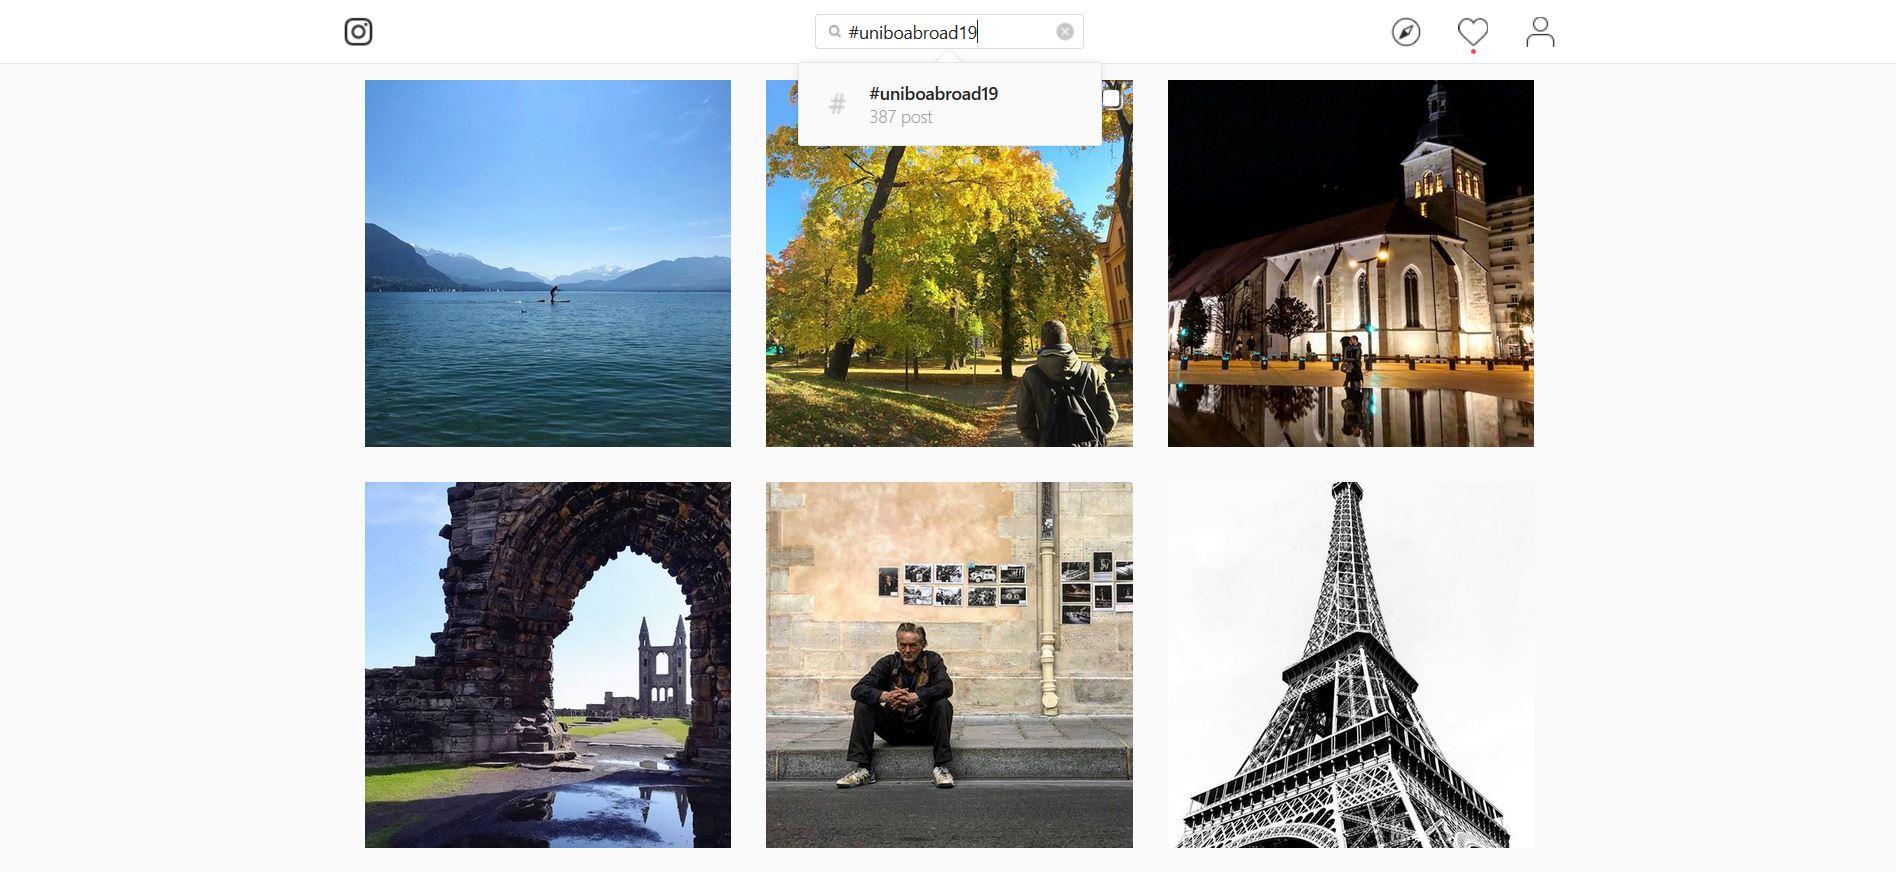 L'Università di Bologna lancia una nuova edizione del contest su Instagram #uniboabroad